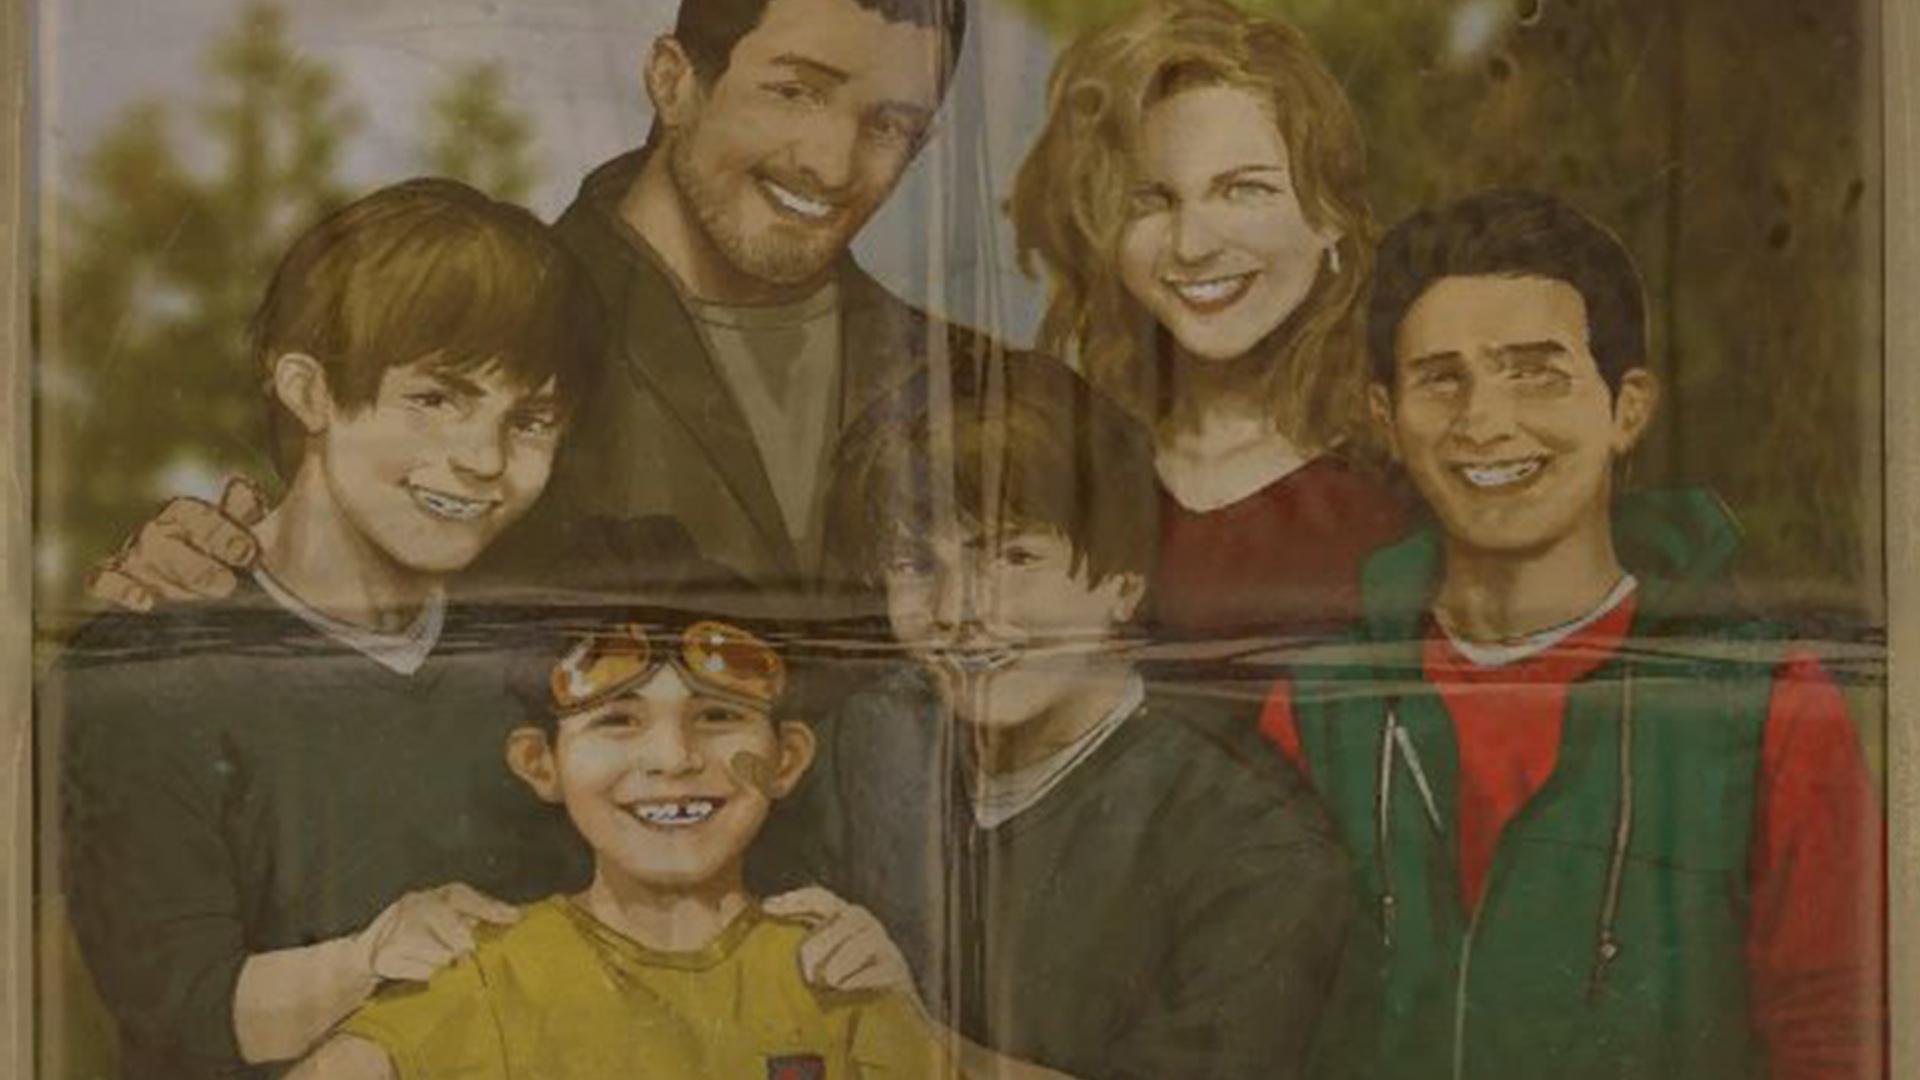 【APEXリーク情報】データマイナー「エーペックスのゲームファイル内からミラージュの家族写真が出てきた」